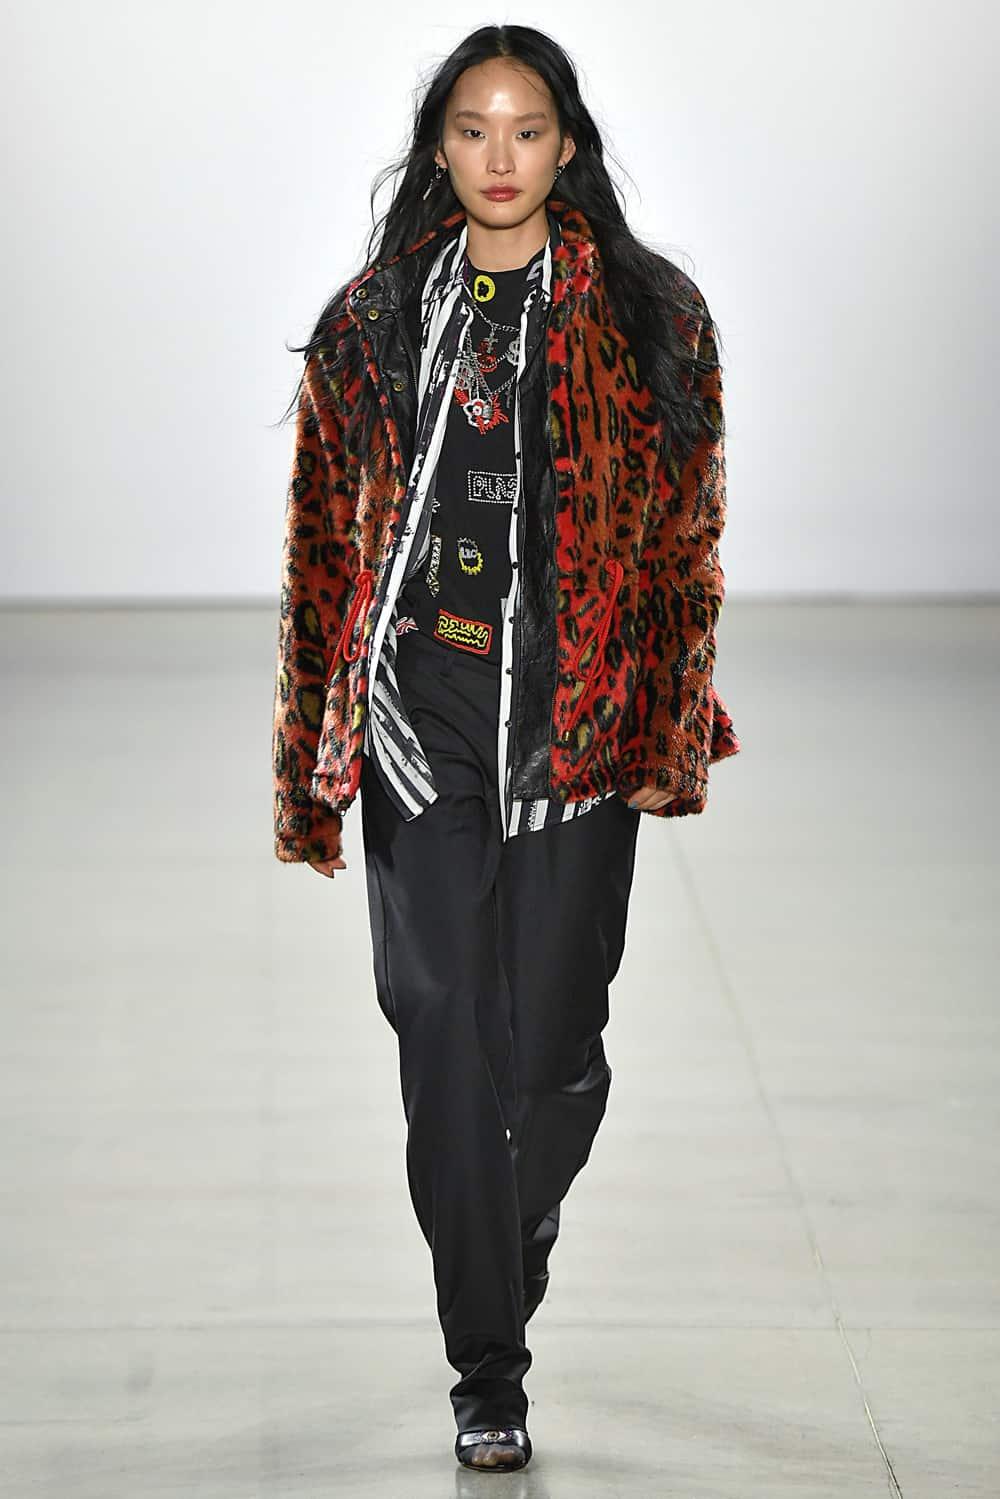 Photo by FashionWeekDaily.com